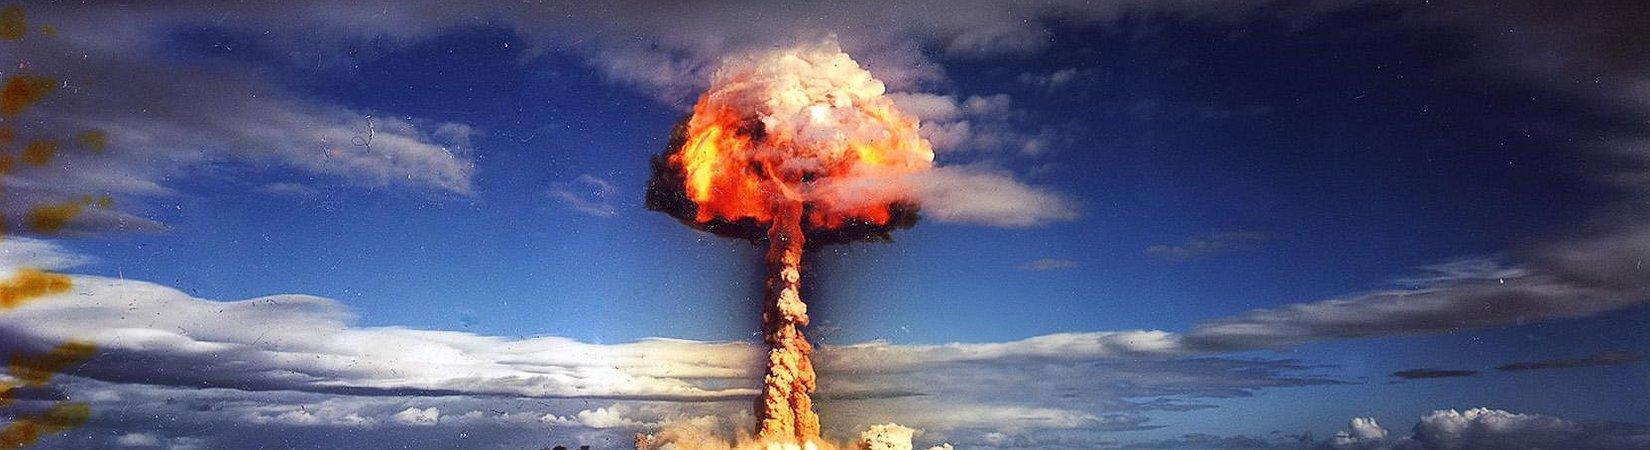 Как выжить при ядерном ударе